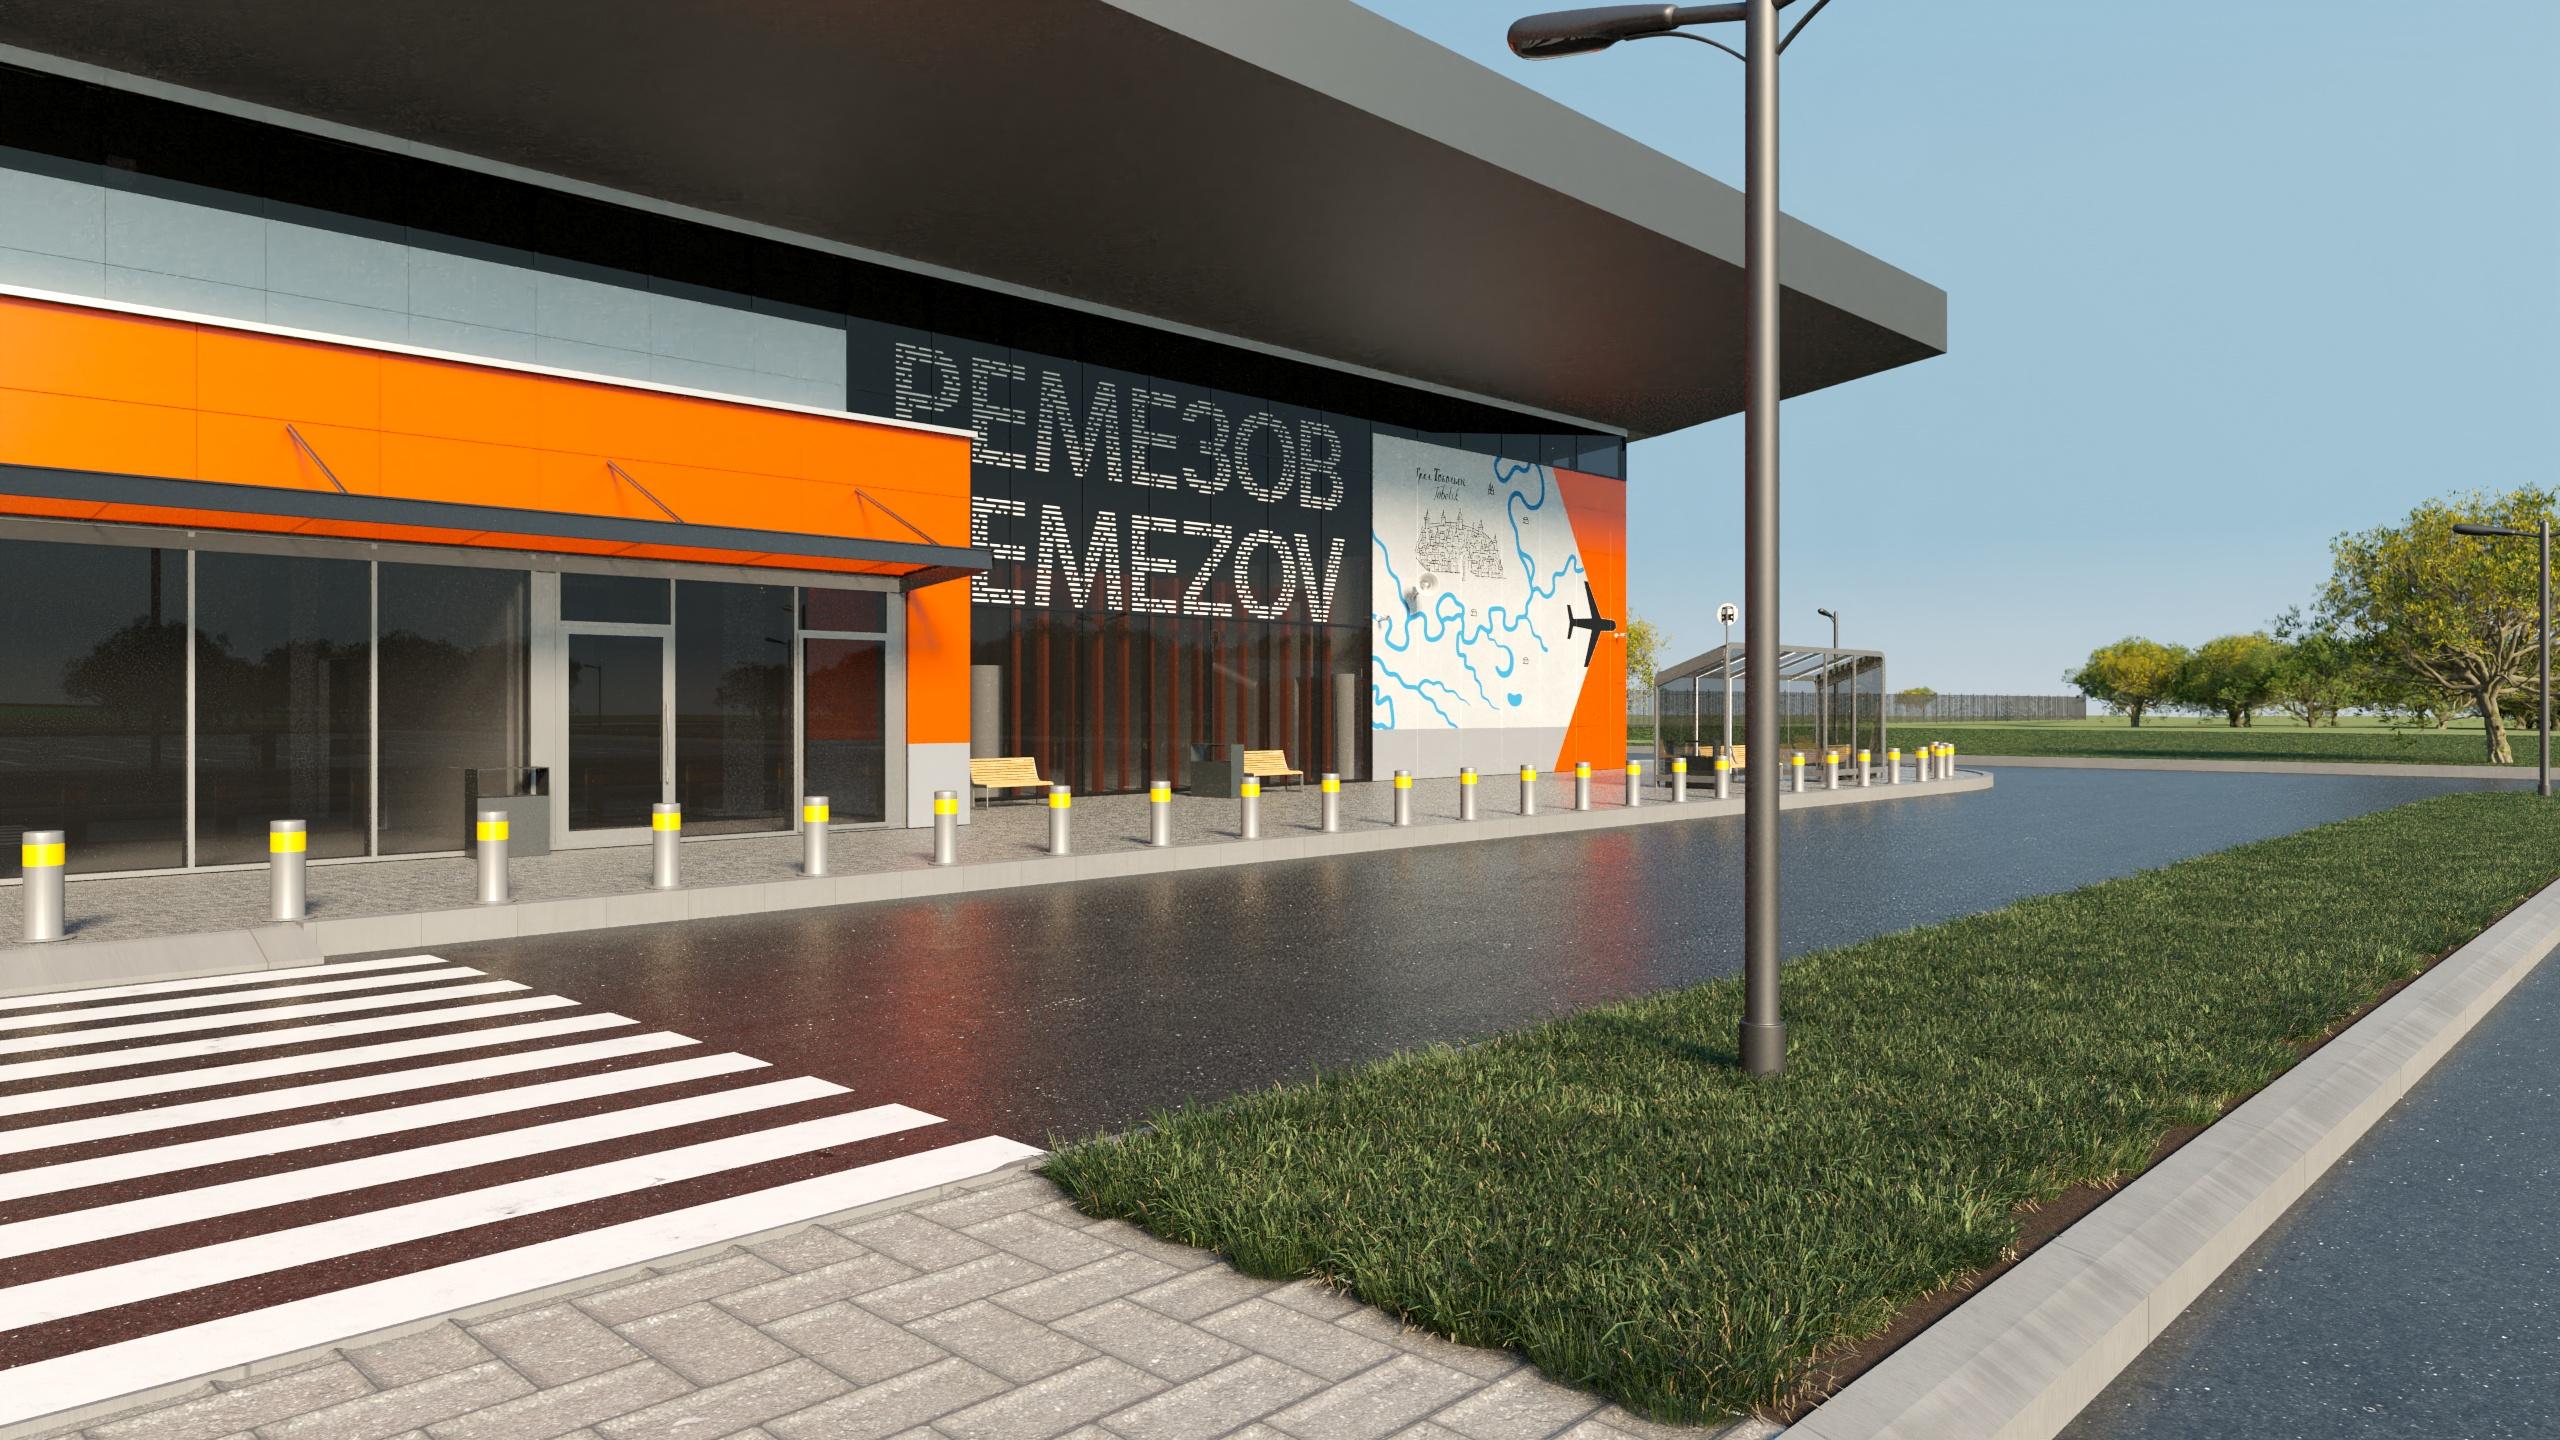 Концепт дизайна разработала команда,которая выполнила оформление терминала внутренних линий Международного аэропорта им. И.В. Курчатова в Челябинске